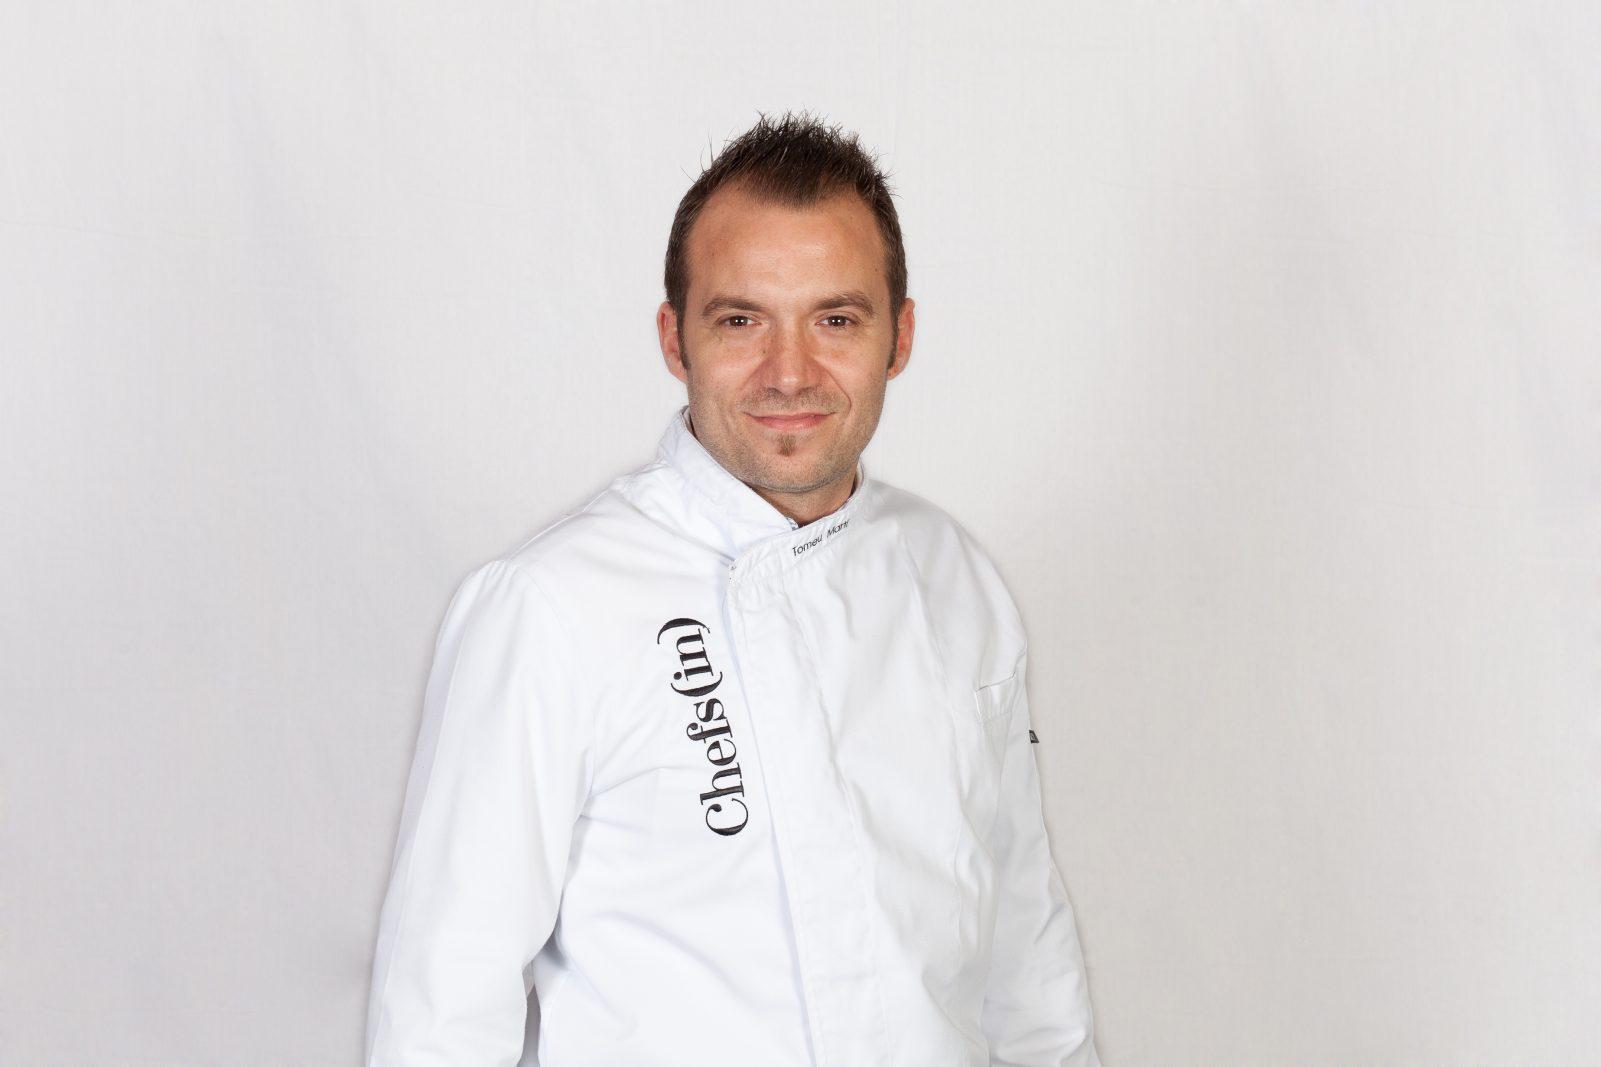 Tomeu Martí